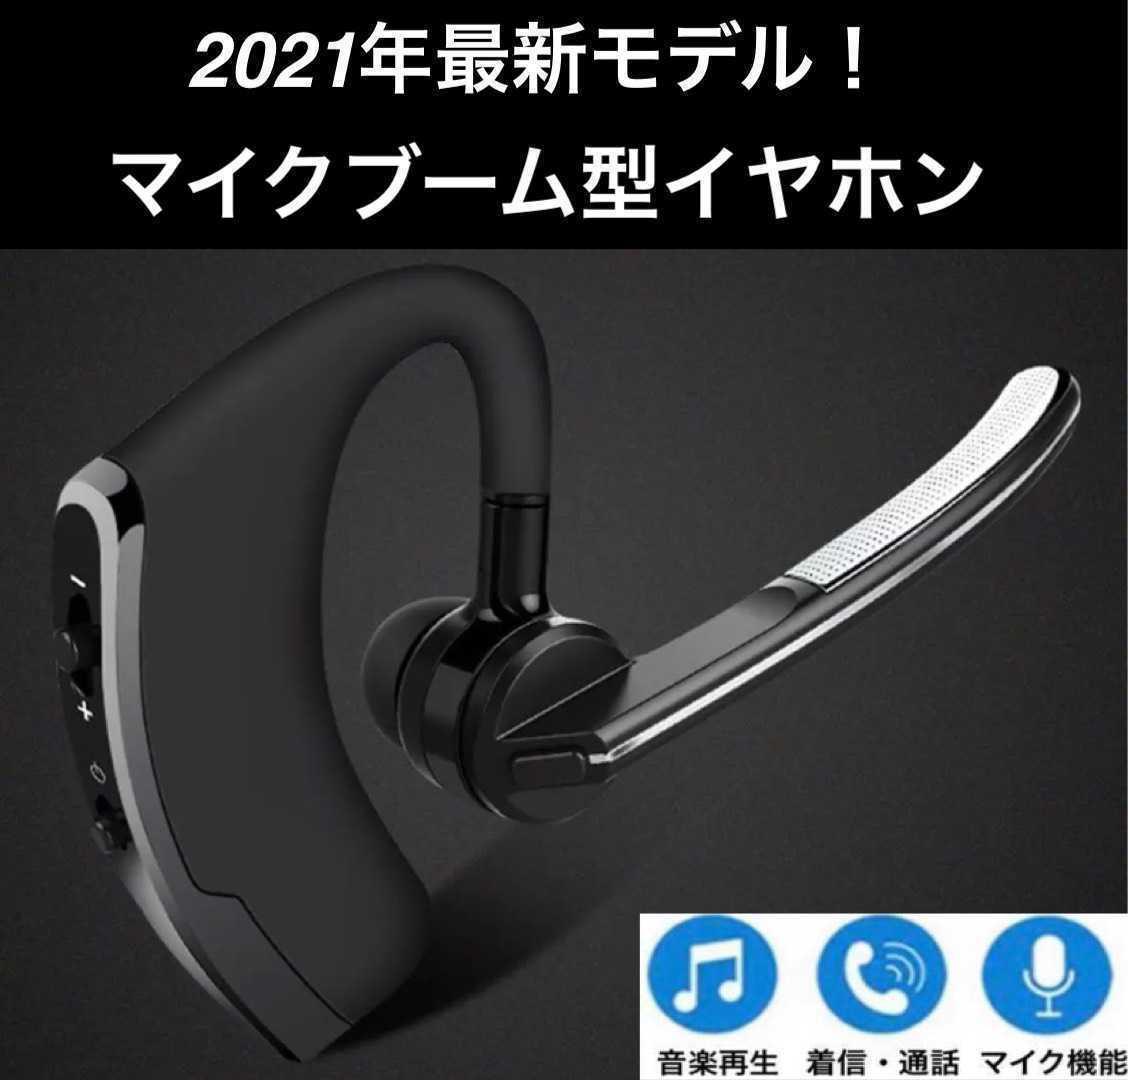 1円~!送料無料!最新モデル Bluetooth イヤホン ワイヤレス ハンズフリー 片耳 耳掛け マイク ヘッドセット 左右兼用 日本語説明書付 _画像1